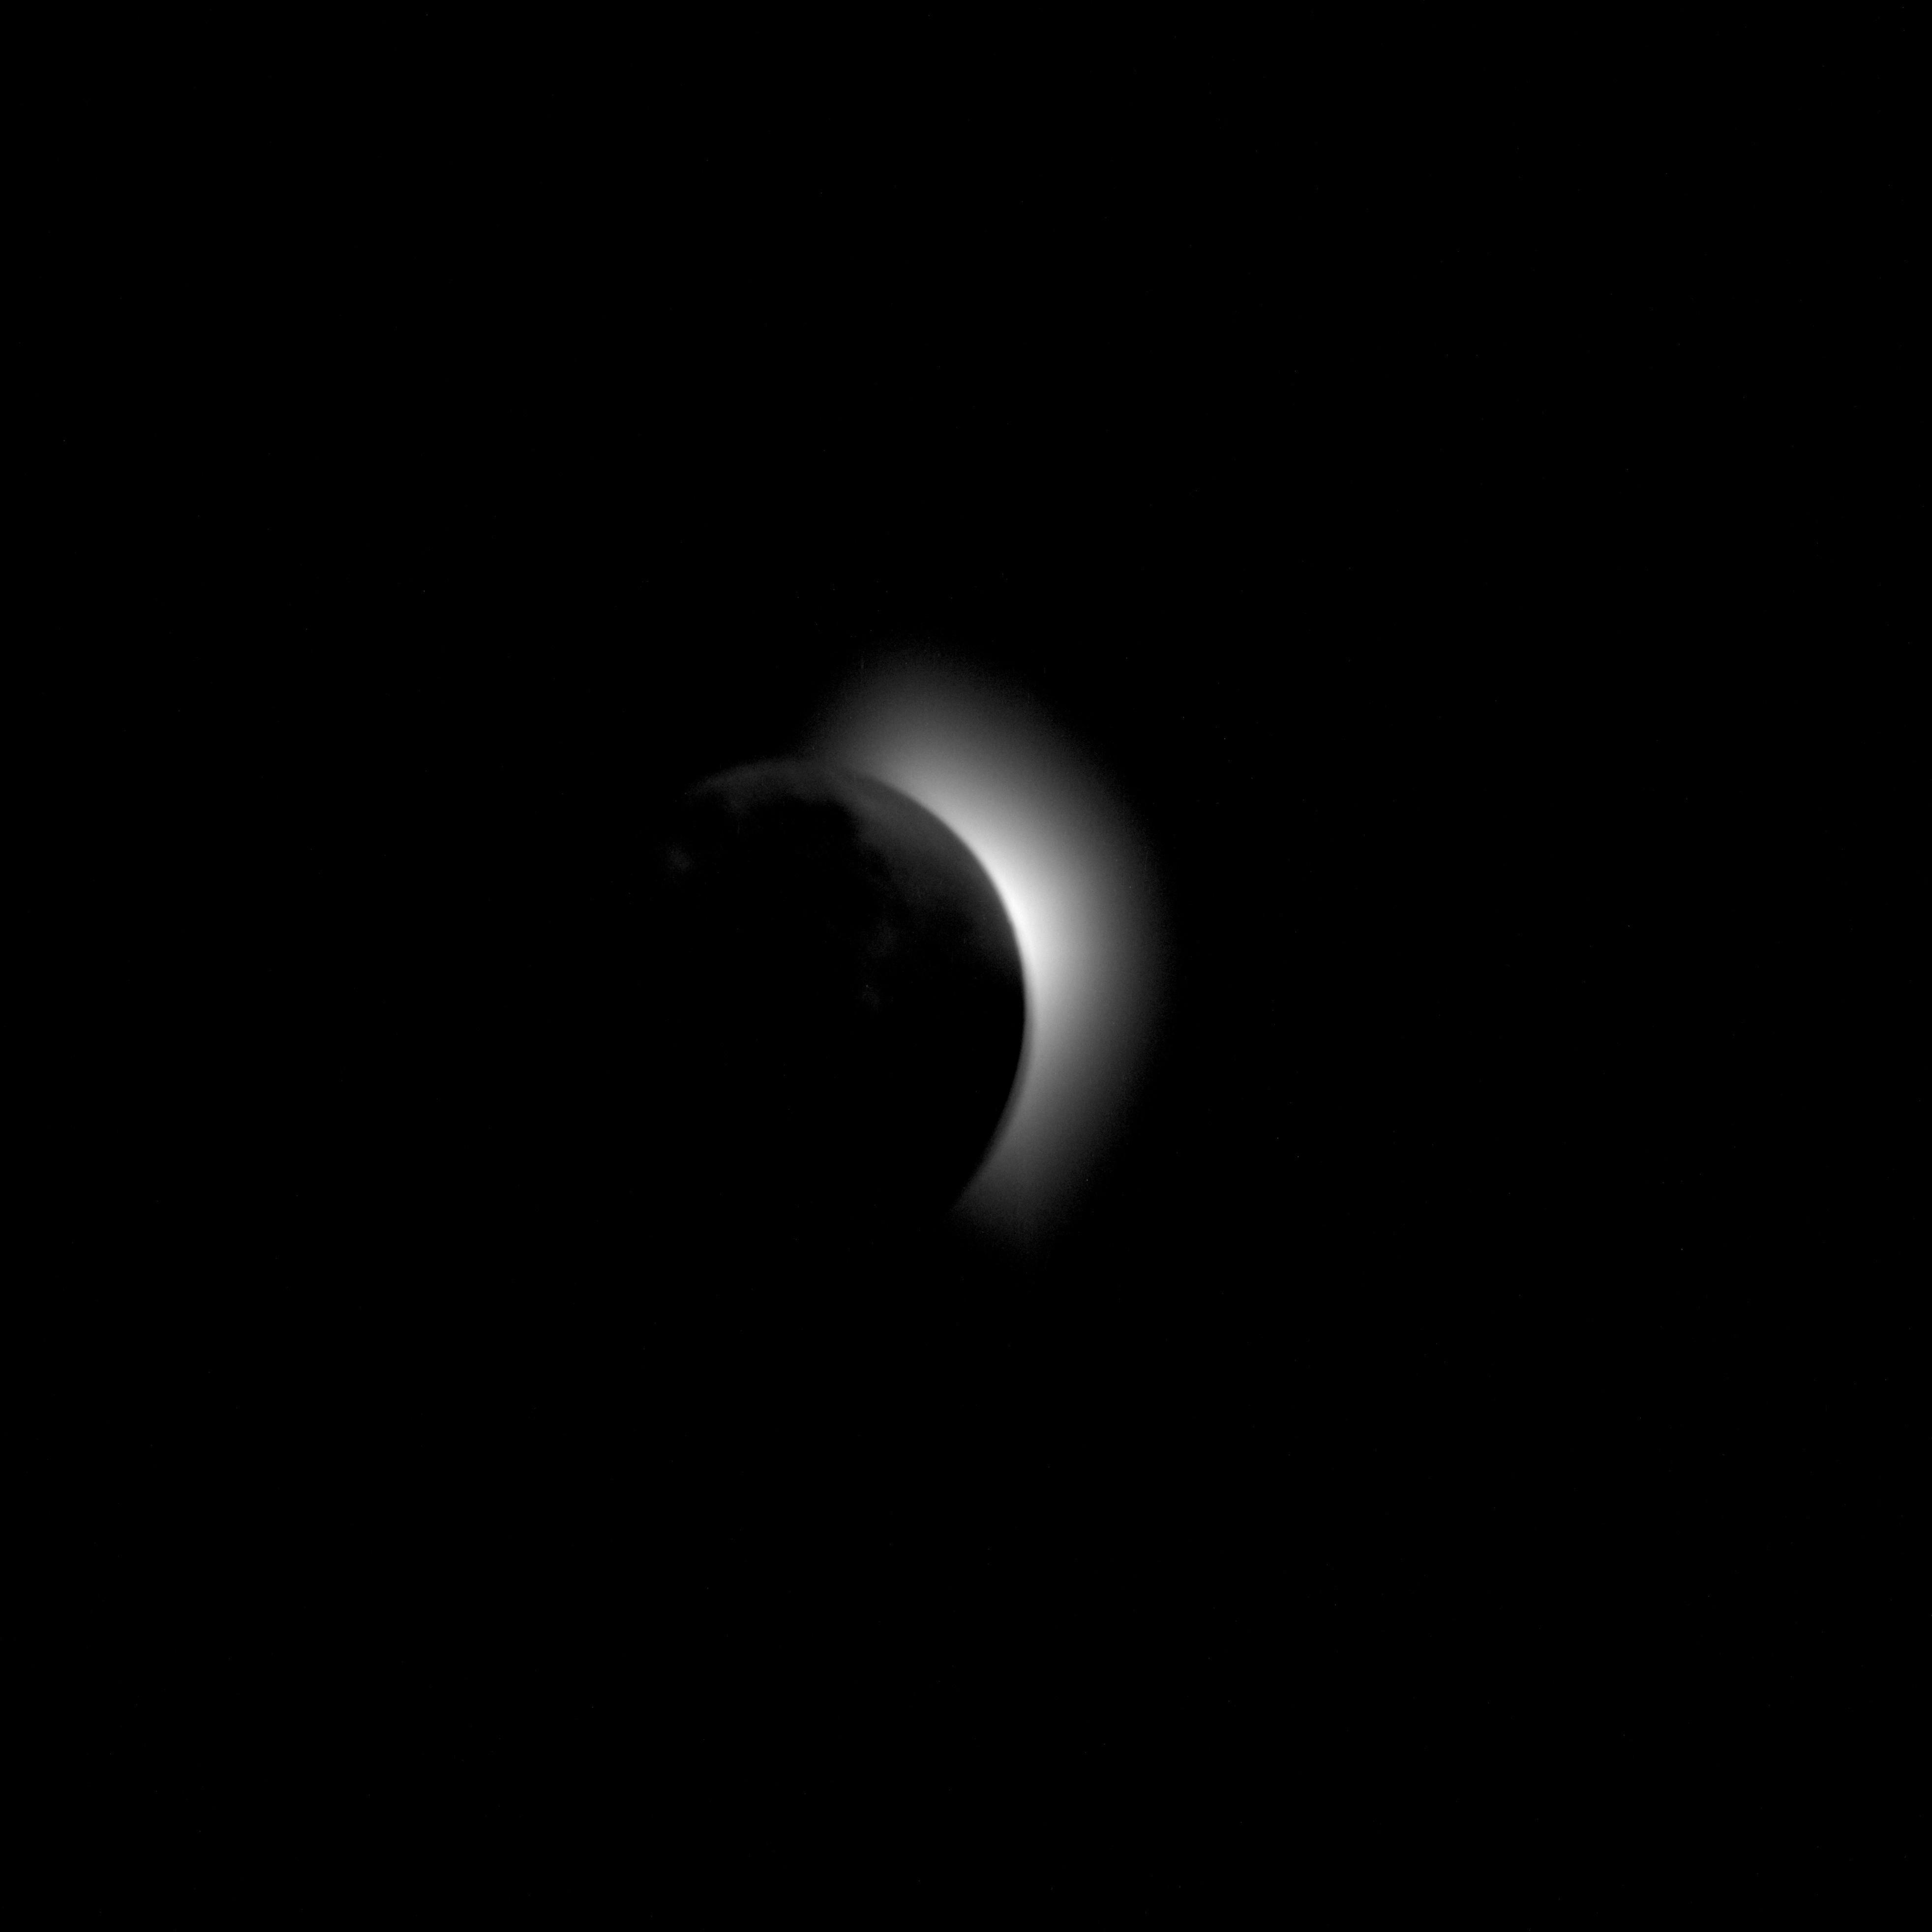 AS11-42-6179 (19 июля 1969 г.) --- Эта фотография солнечной короны была сделана с космического корабля Apollo 11 во время транс-лунного побережья и до выхода на лунную орбиту.  Луна - это темный диск между космическим кораблем и солнцем.